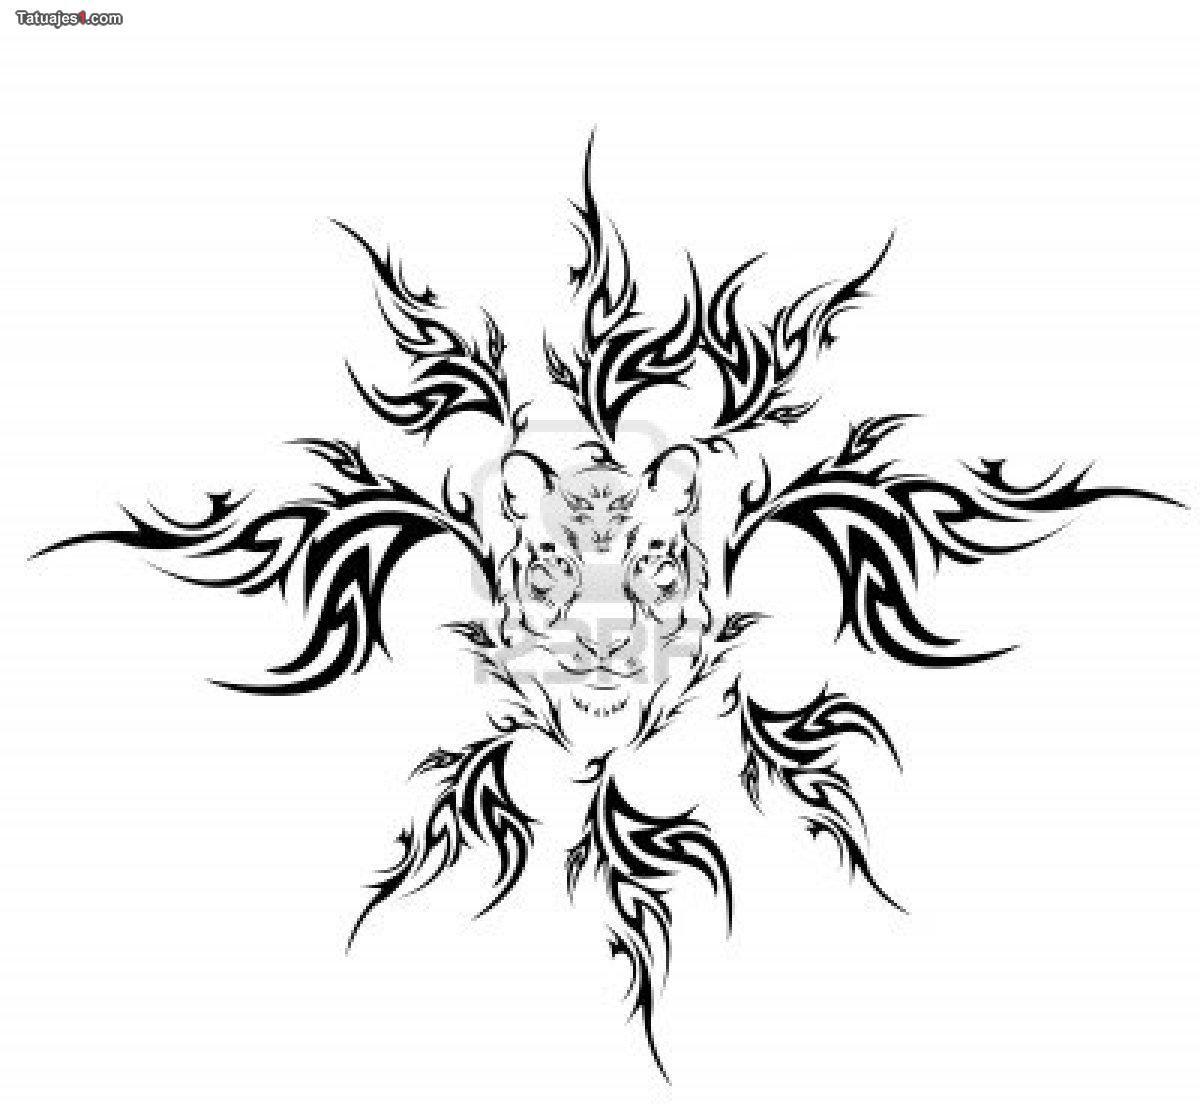 Tatuaje Tigre Tribal tatuaje tigre con tribal | tatuajes legendarios | pinterest